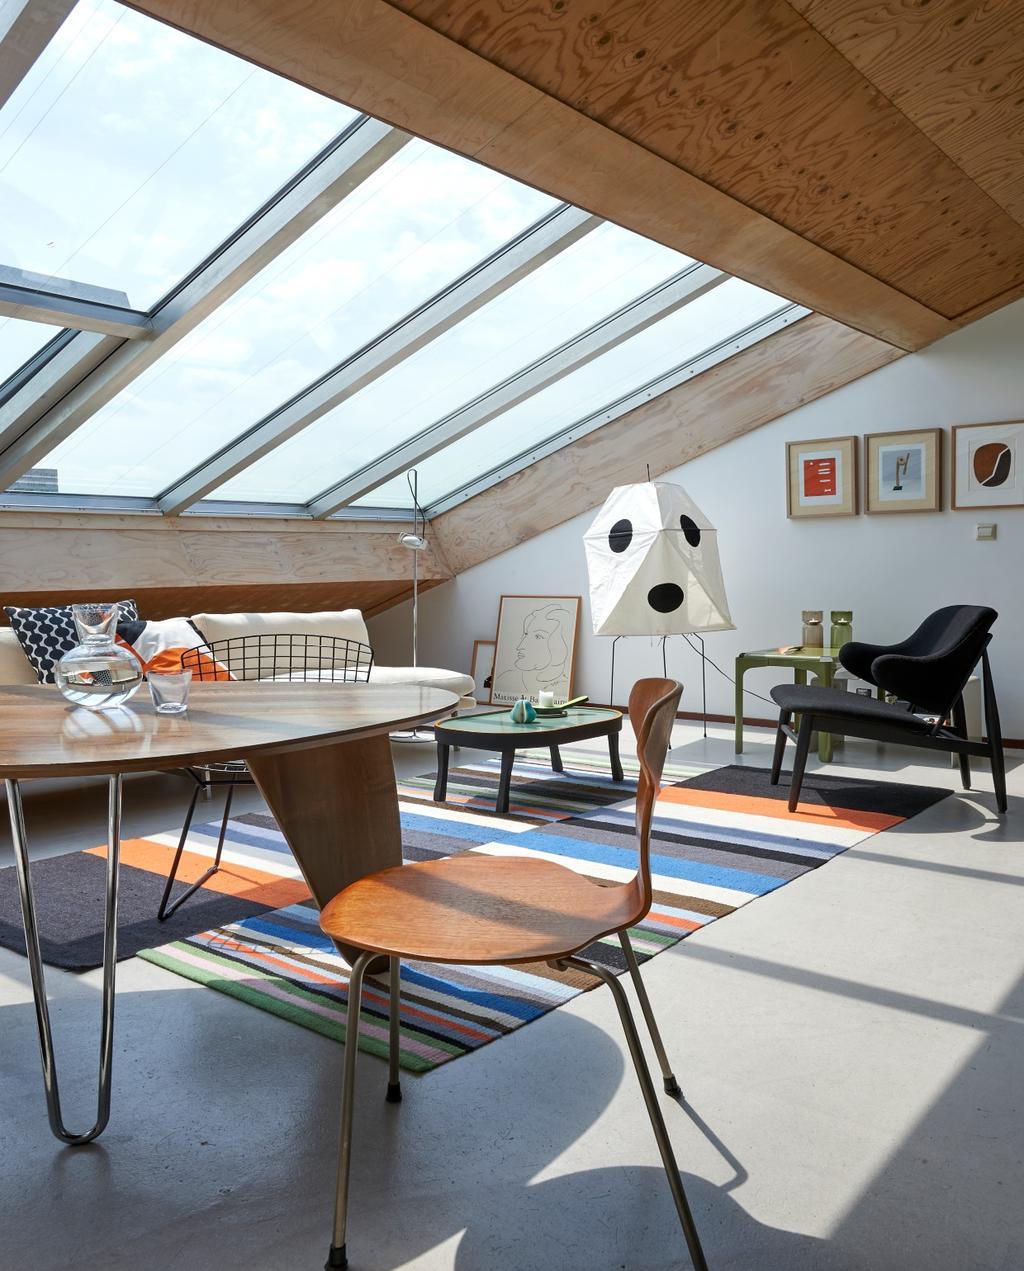 vtwonen binnenkijken 03-2020 | binnenkijken Amsterdam eetkamer met schuin dak